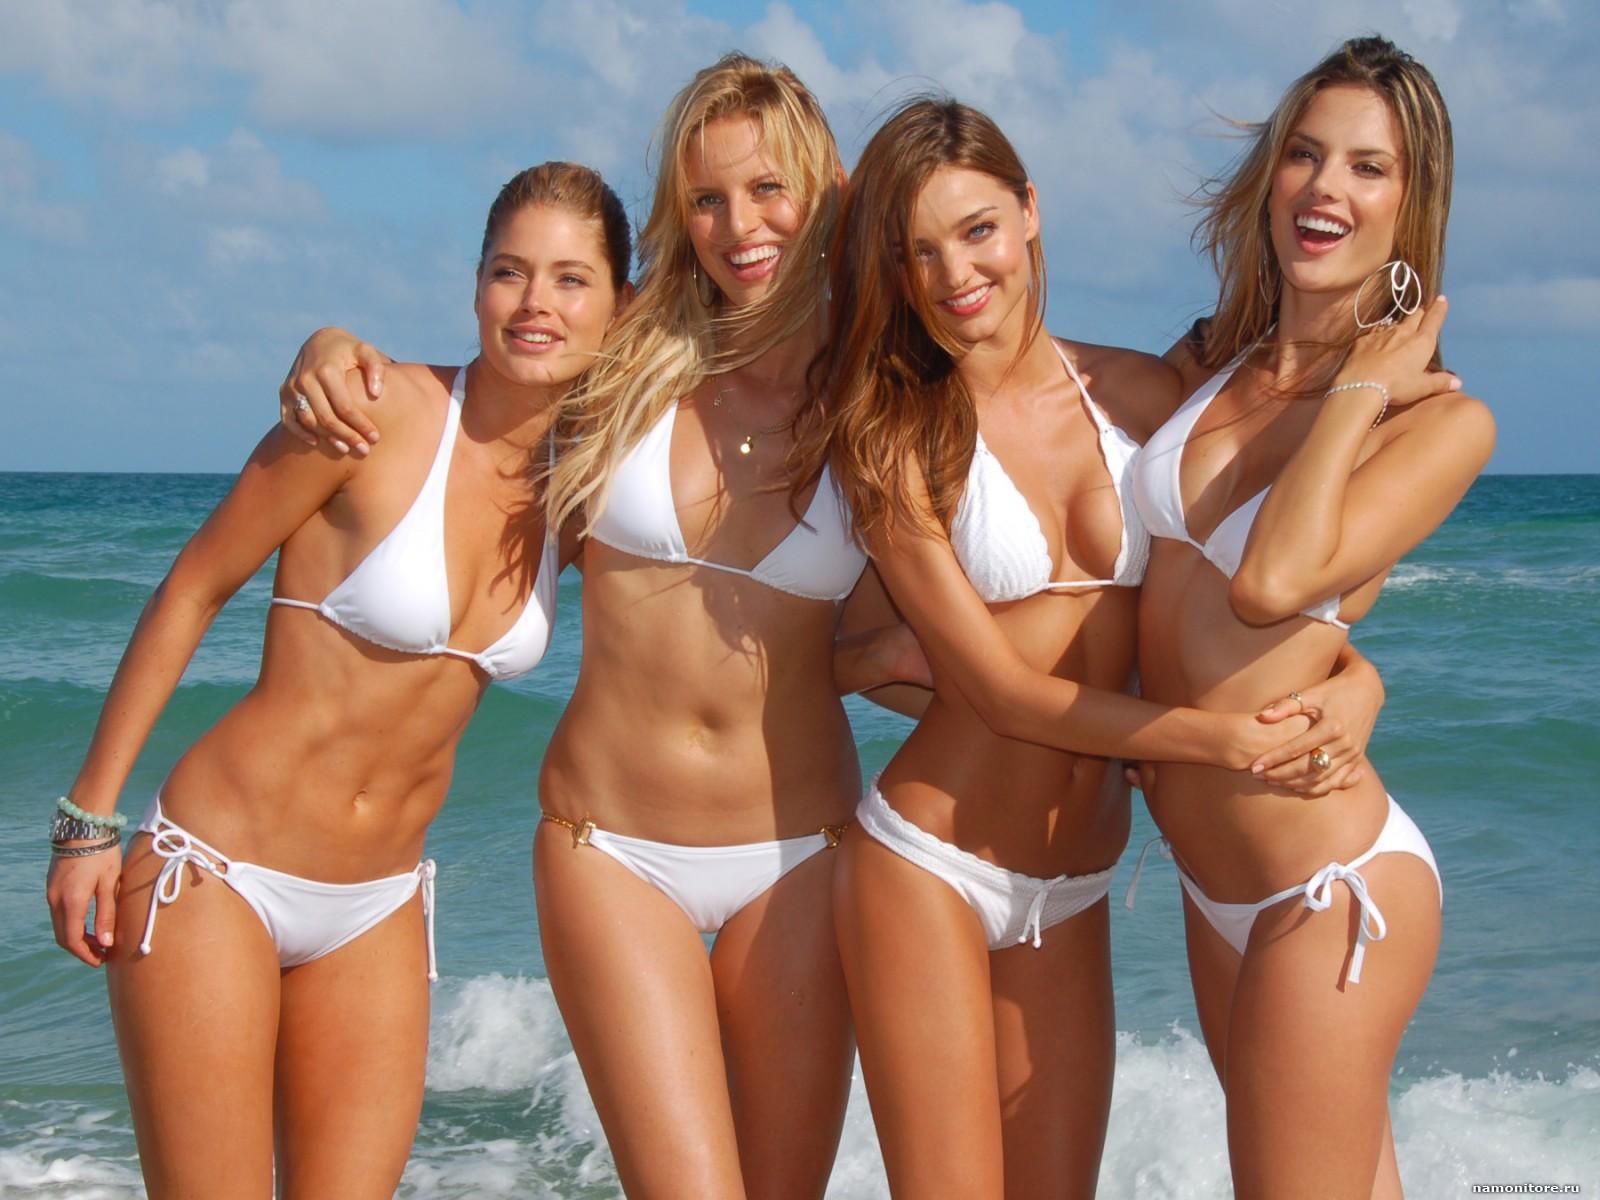 karolina_kurkova__i_devushki_v_bikini_1600